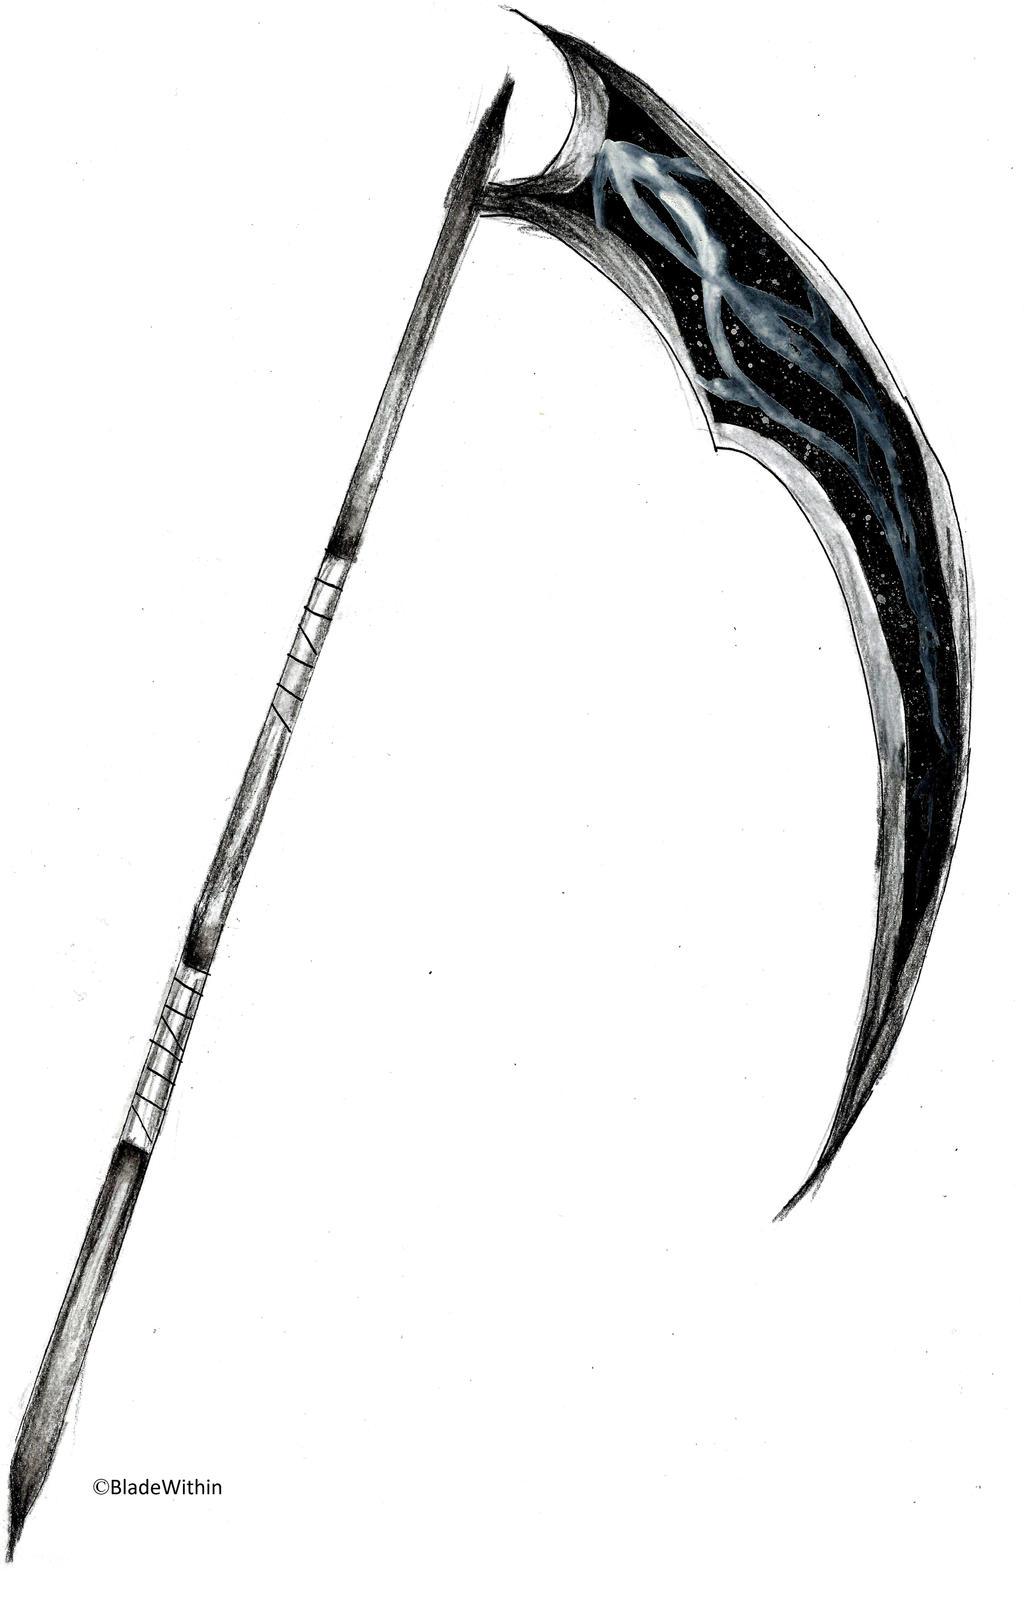 Weapon monochrome scythe by bladewithin on deviantart